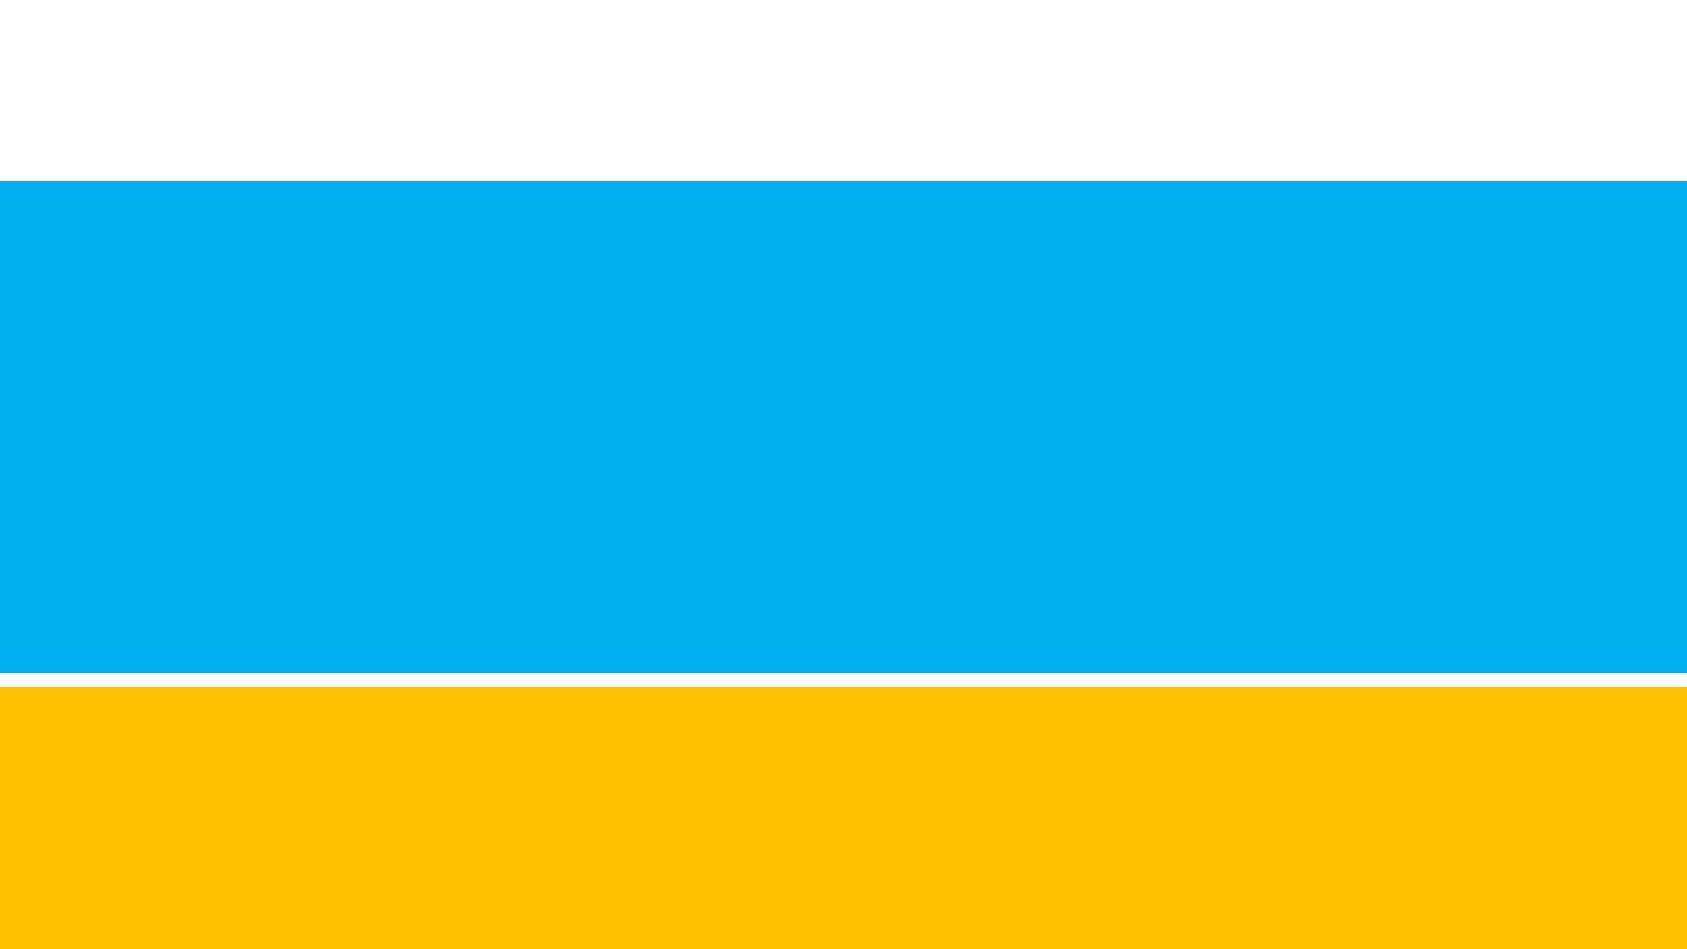 2020简洁蓝黄扁平化创业融资计划书PPT模板